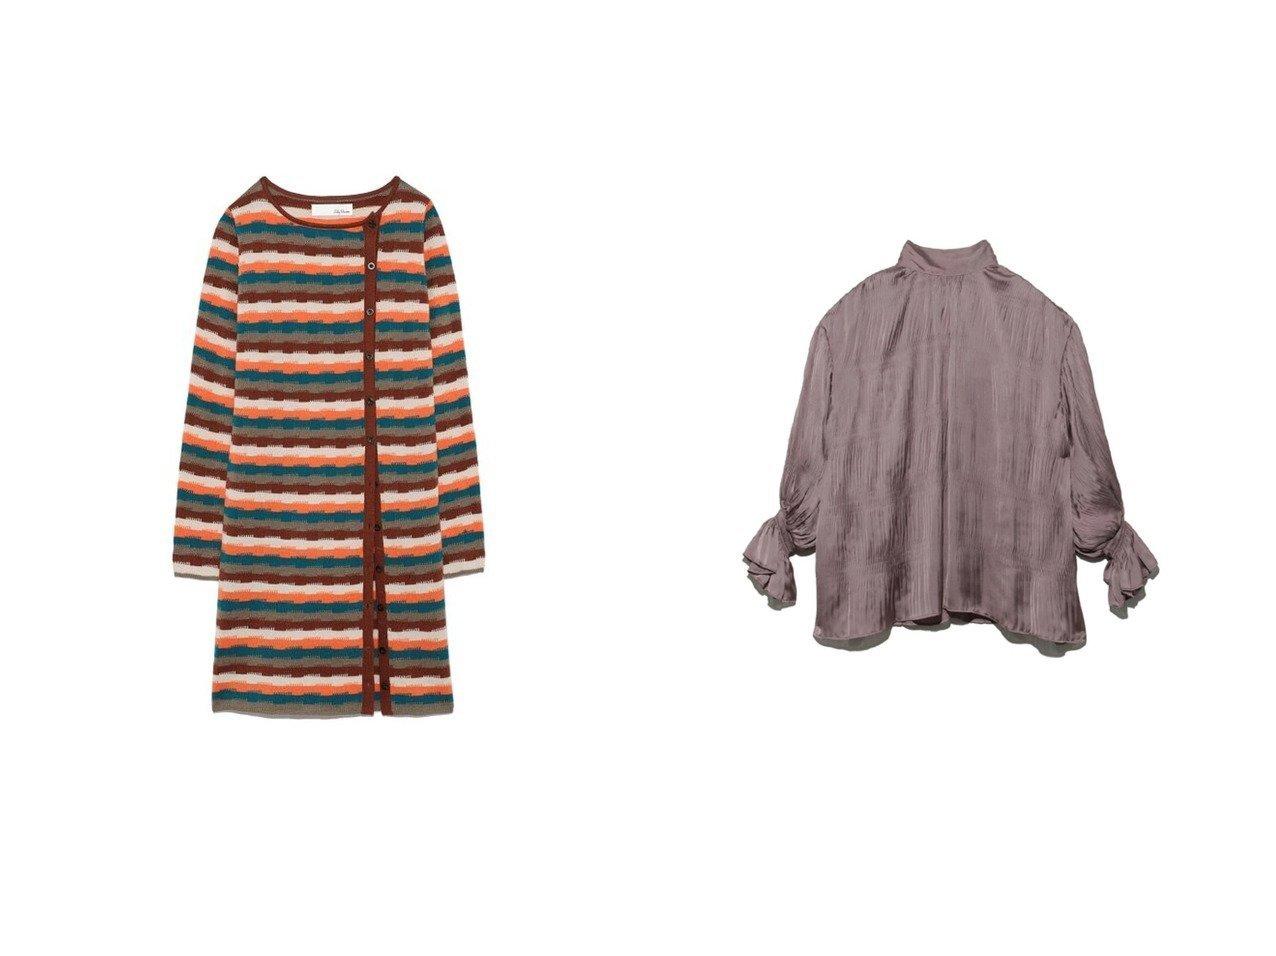 【SNIDEL/スナイデル】のプリーツフレアスリーブブラウス&【Lily Brown/リリーブラウン】のサイドボタンリブトップス トップス・カットソーのおすすめ!人気、レディースファッションの通販  おすすめで人気のファッション通販商品 インテリア・家具・キッズファッション・メンズファッション・レディースファッション・服の通販 founy(ファニー) https://founy.com/ ファッション Fashion レディース WOMEN トップス Tops Tshirt シャツ/ブラウス Shirts Blouses アクリル カーディガン スリット ボーダー ミックス ワイドリブ 冬 Winter インナー エレガント キャミソール サテン シアー シャーリング ドット リボン ワッシャー |ID:crp329100000002079